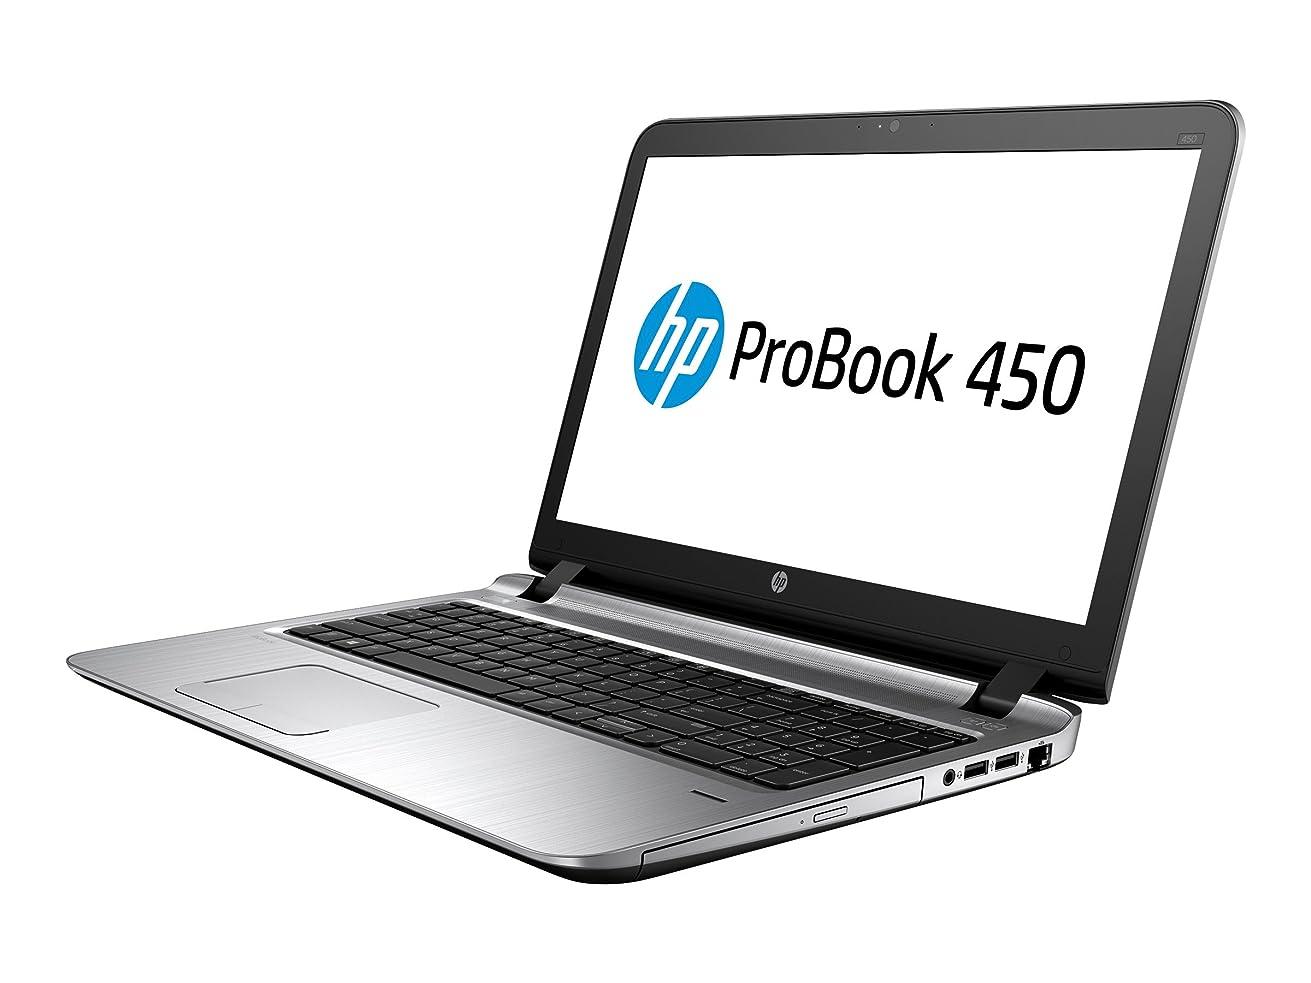 HP ProBook 450 G3 15.6' LCD Notebook - Intel Core i7 (6th Gen) i7-6500U Dual-core (2 Core) 2.50 GHz - 8 GB DDR4 SDRAM -